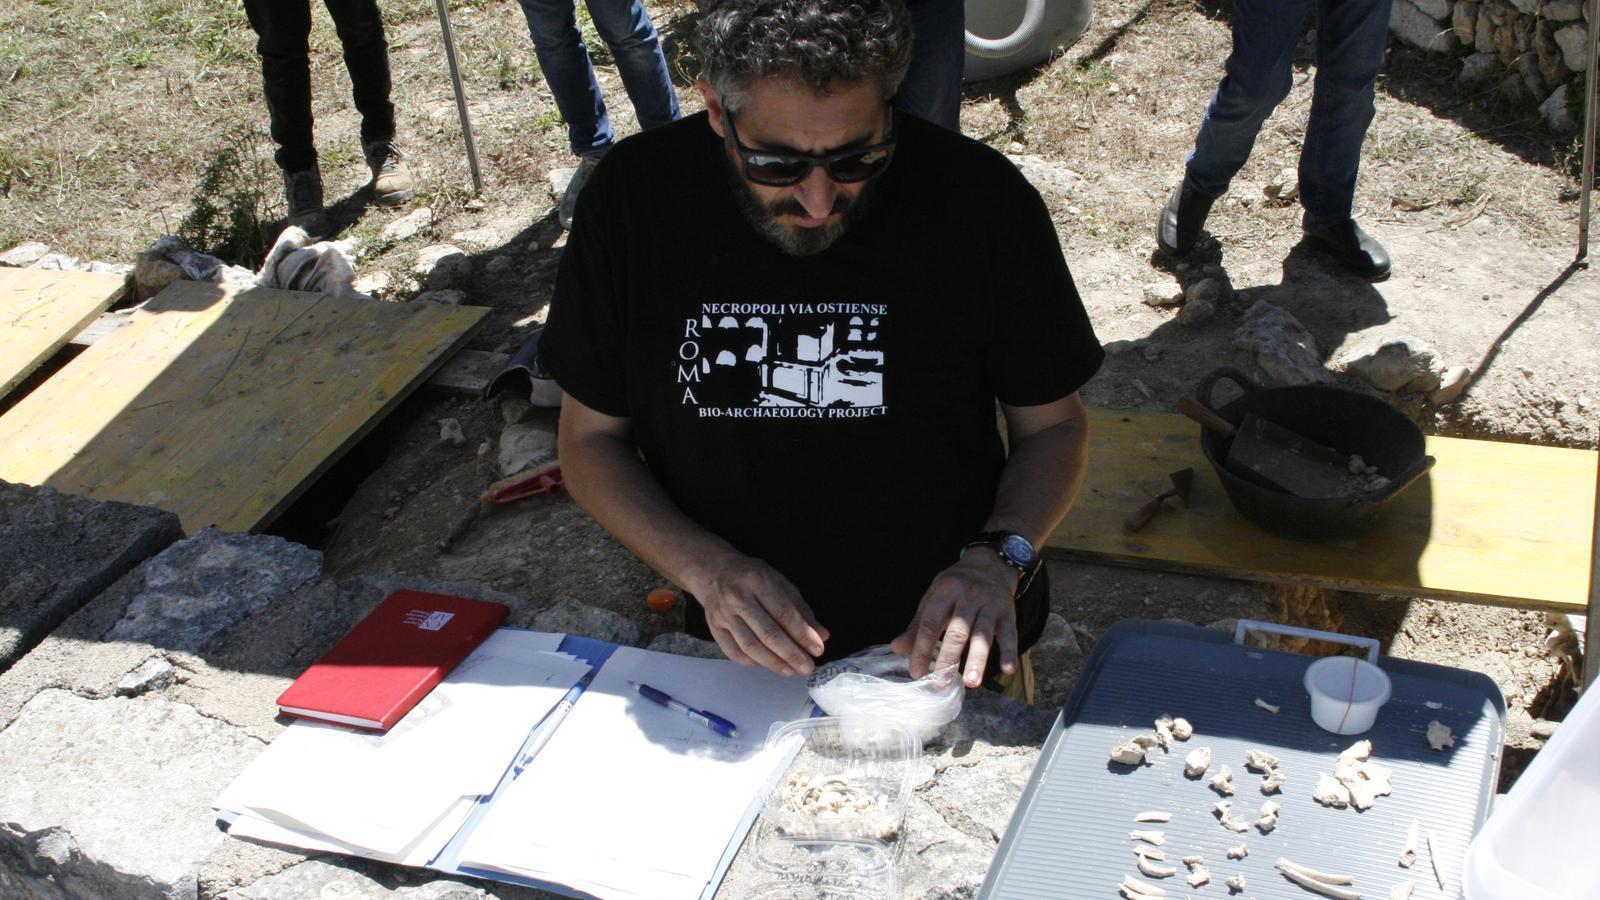 L'antropòleg Llorenç Alapont, treballant amb restes d'infants localitzats a les darreres tombes obertes.